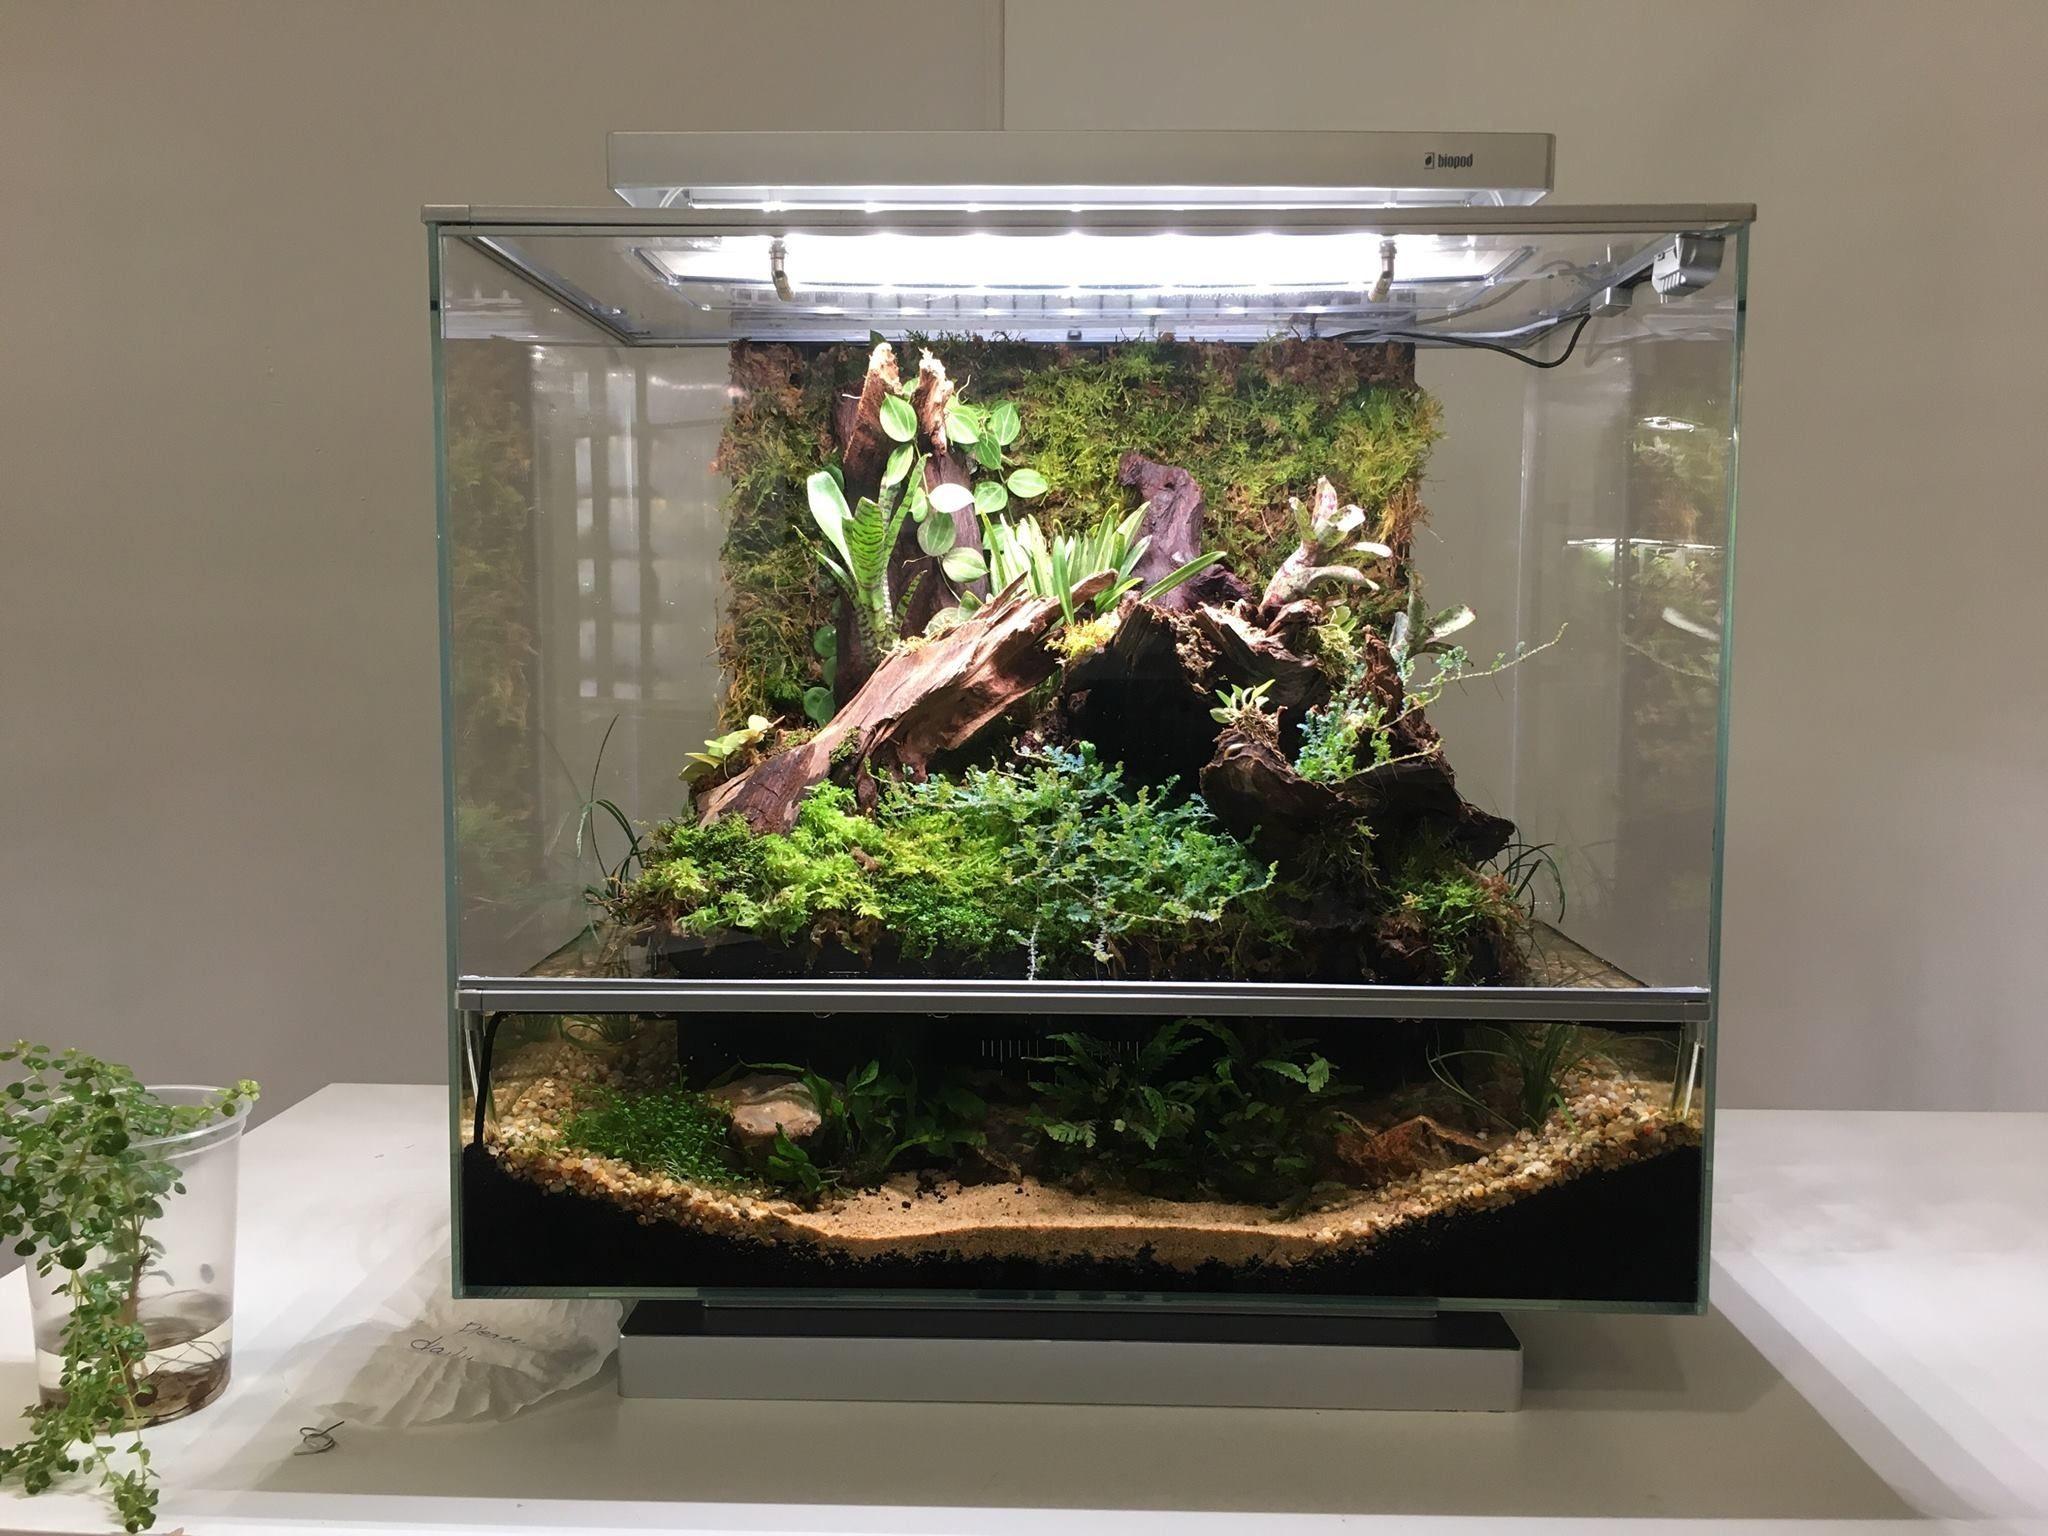 Biopod Aqua The Smart App Control Terrarium